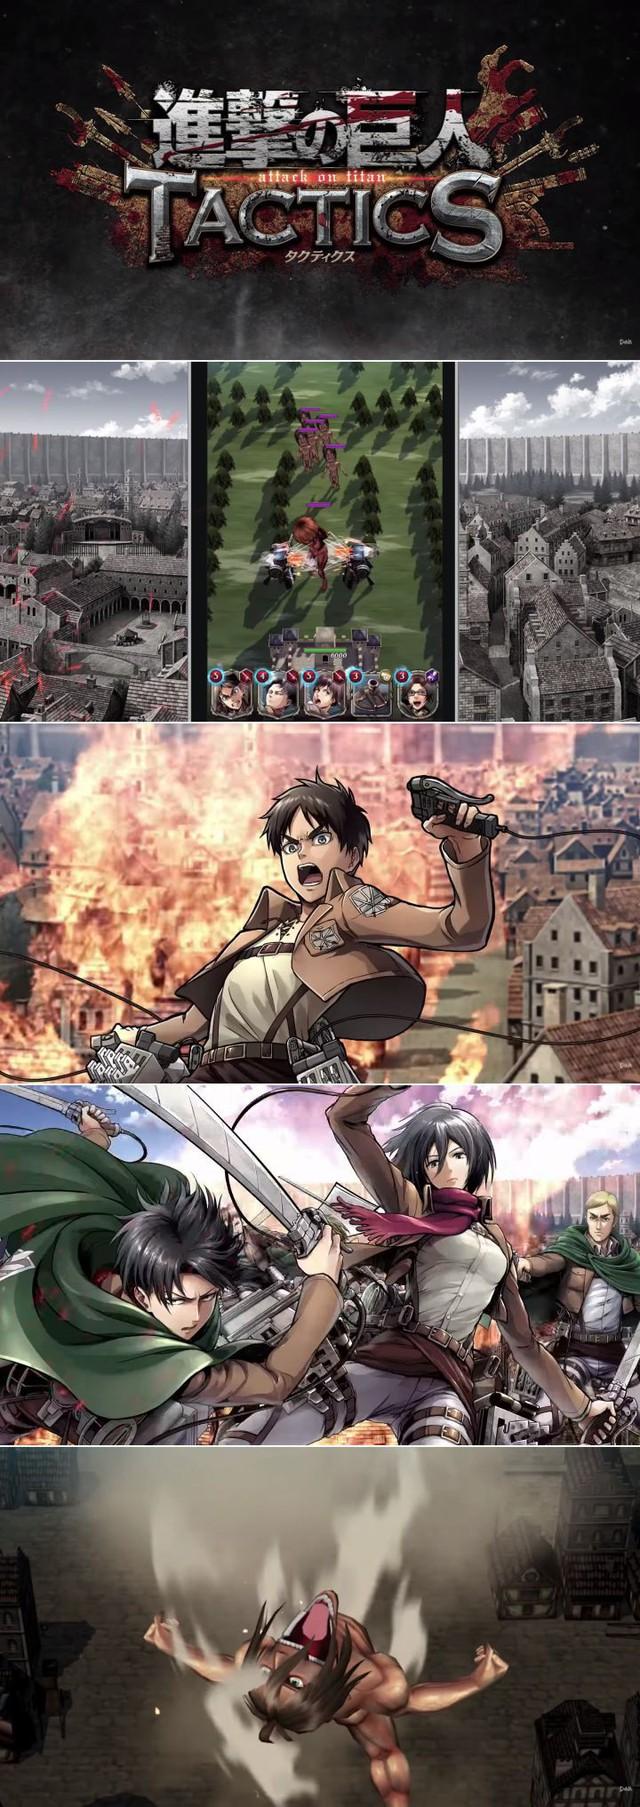 Game chiến thuật thẻ bài Attack on Titan Tactics sắp ra mắt ở Nhật - Ảnh 2.